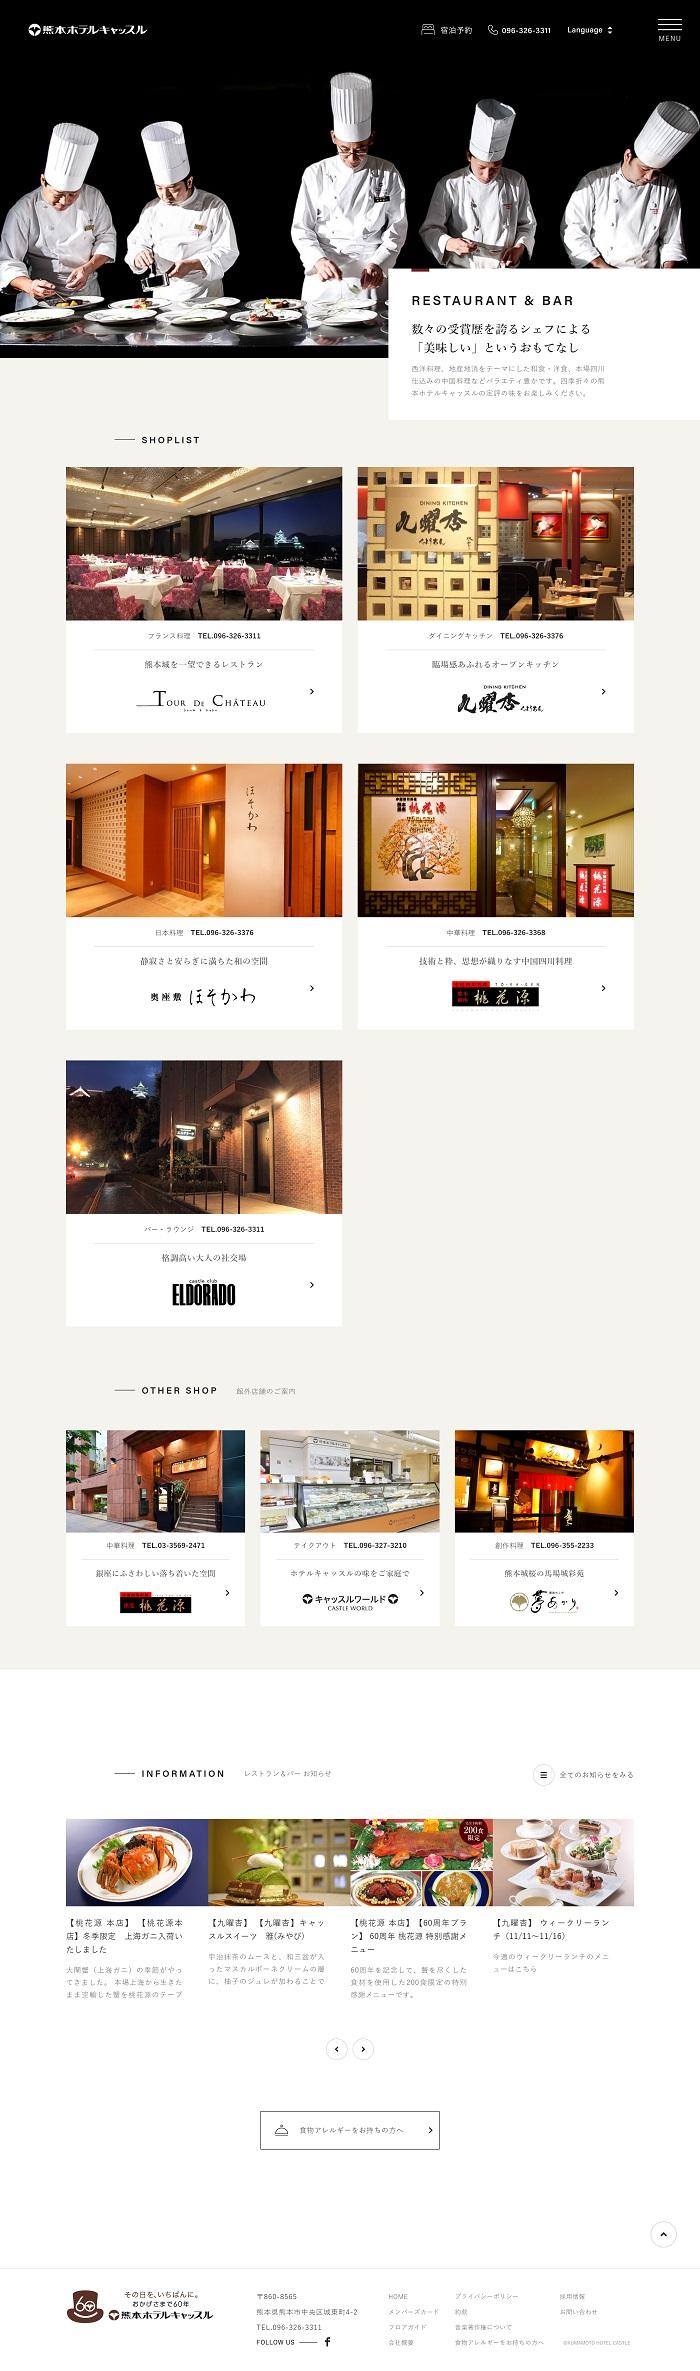 レストラン&バー | 熊本ホテルキャッスル